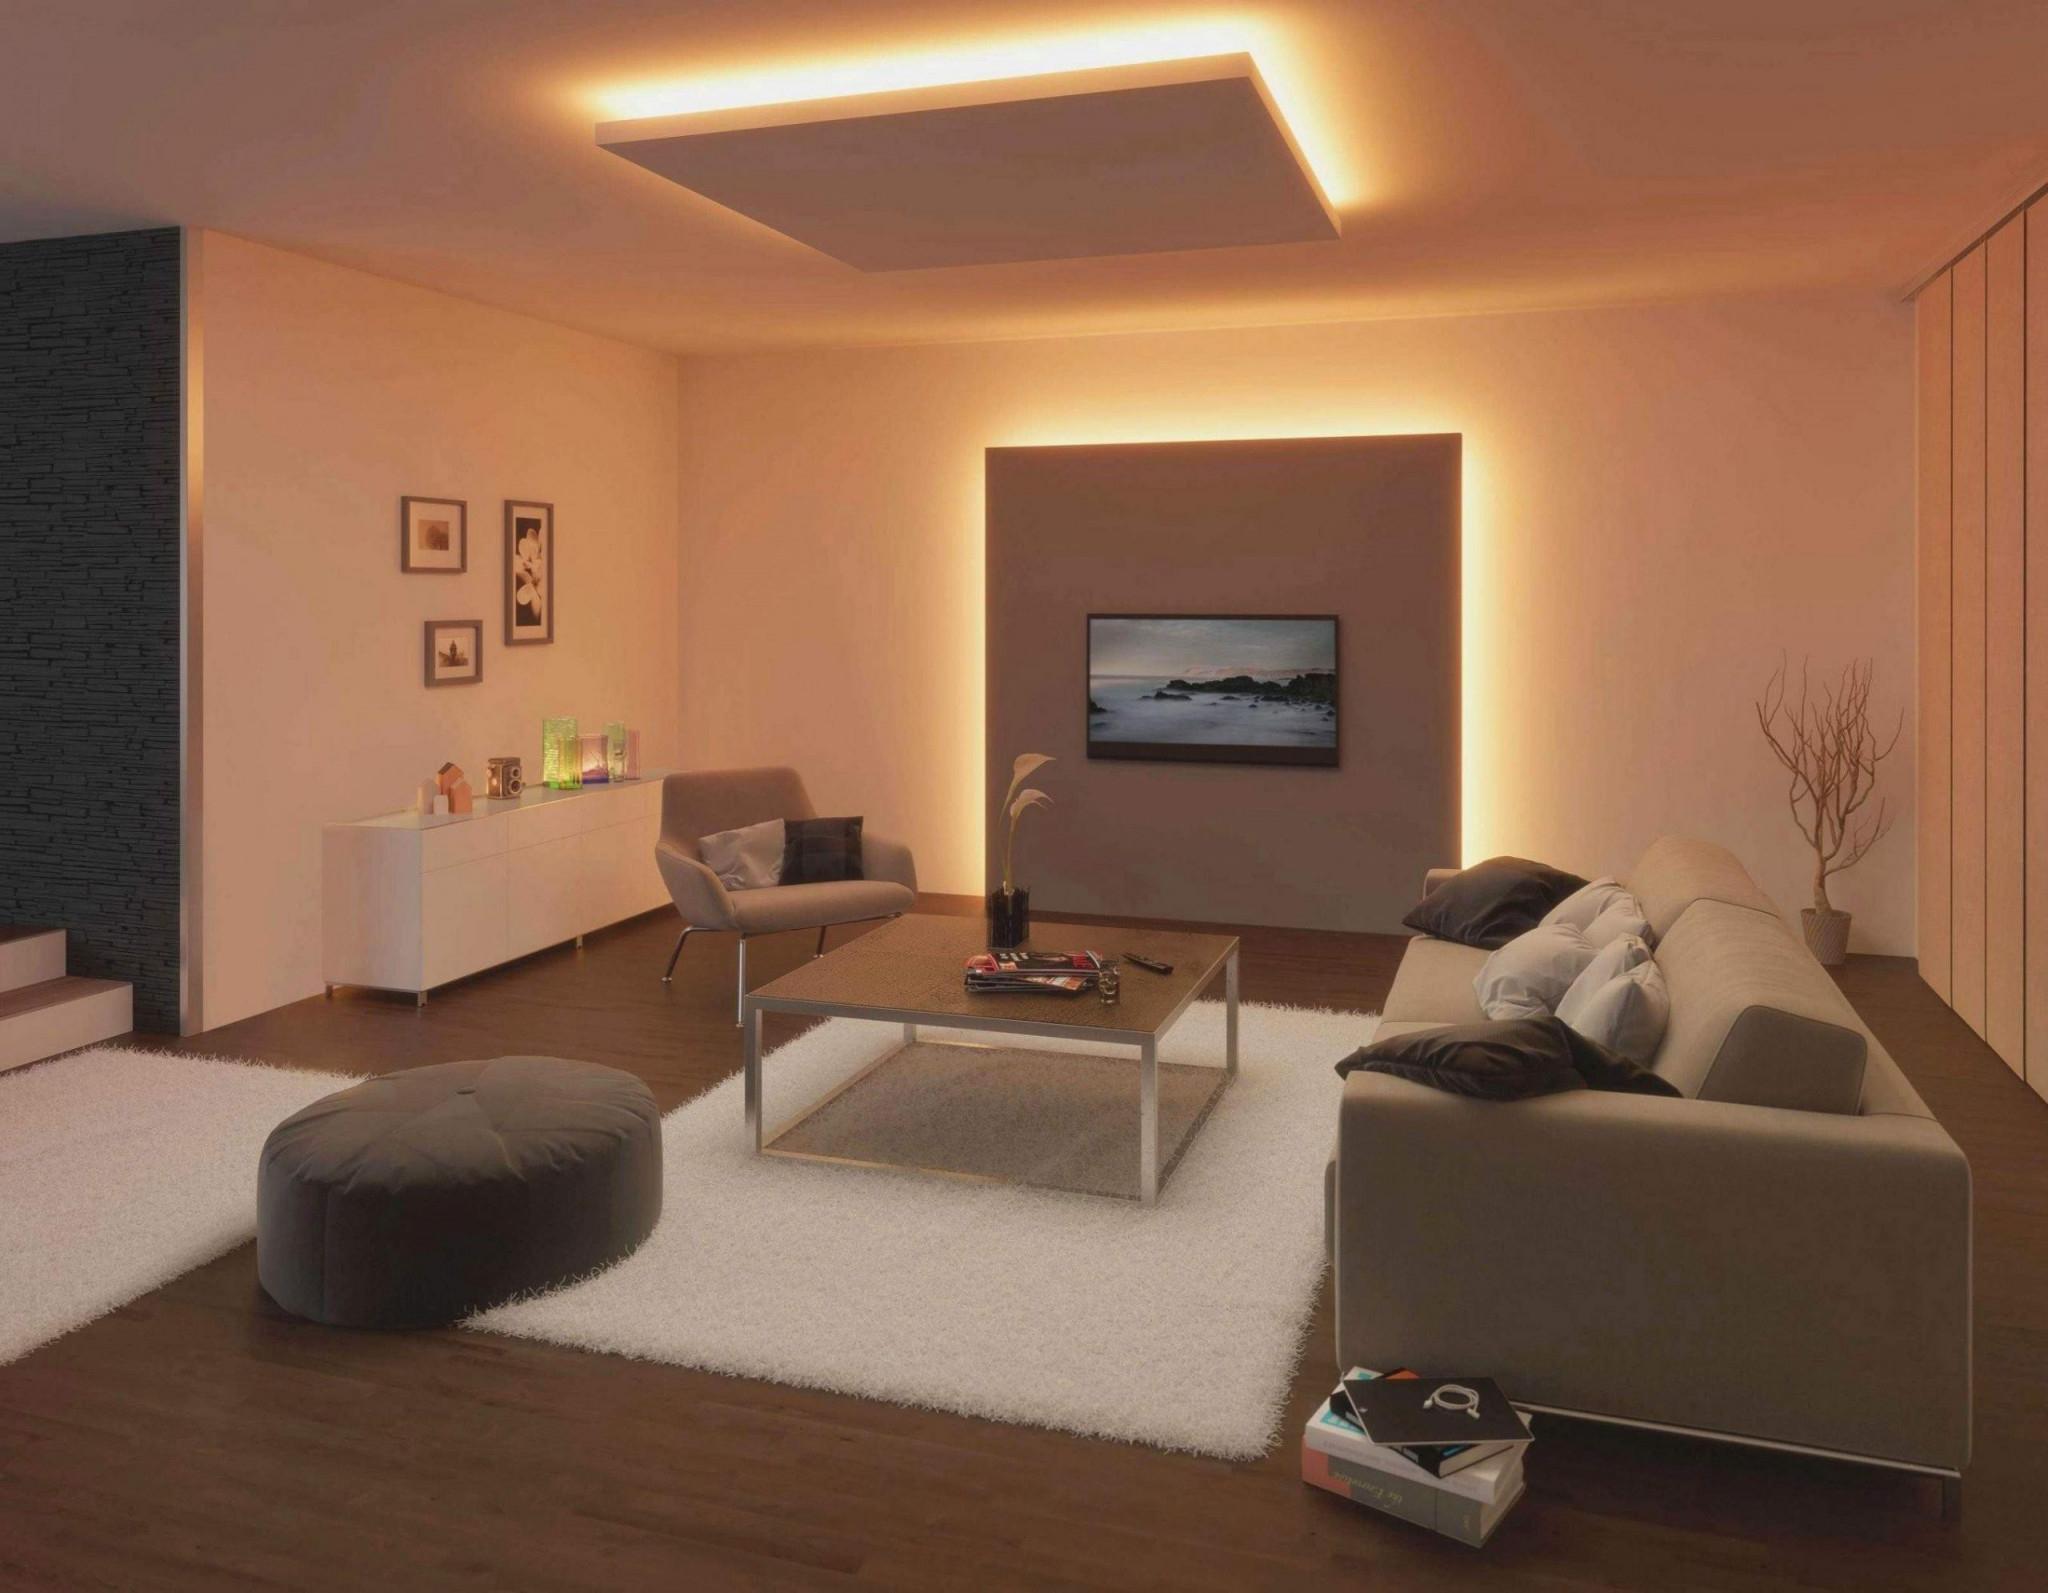 31 Einzigartig Moderne Lampen Wohnzimmer Frisch  Wohnzimmer von Moderne Wohnzimmer Lampe Bild